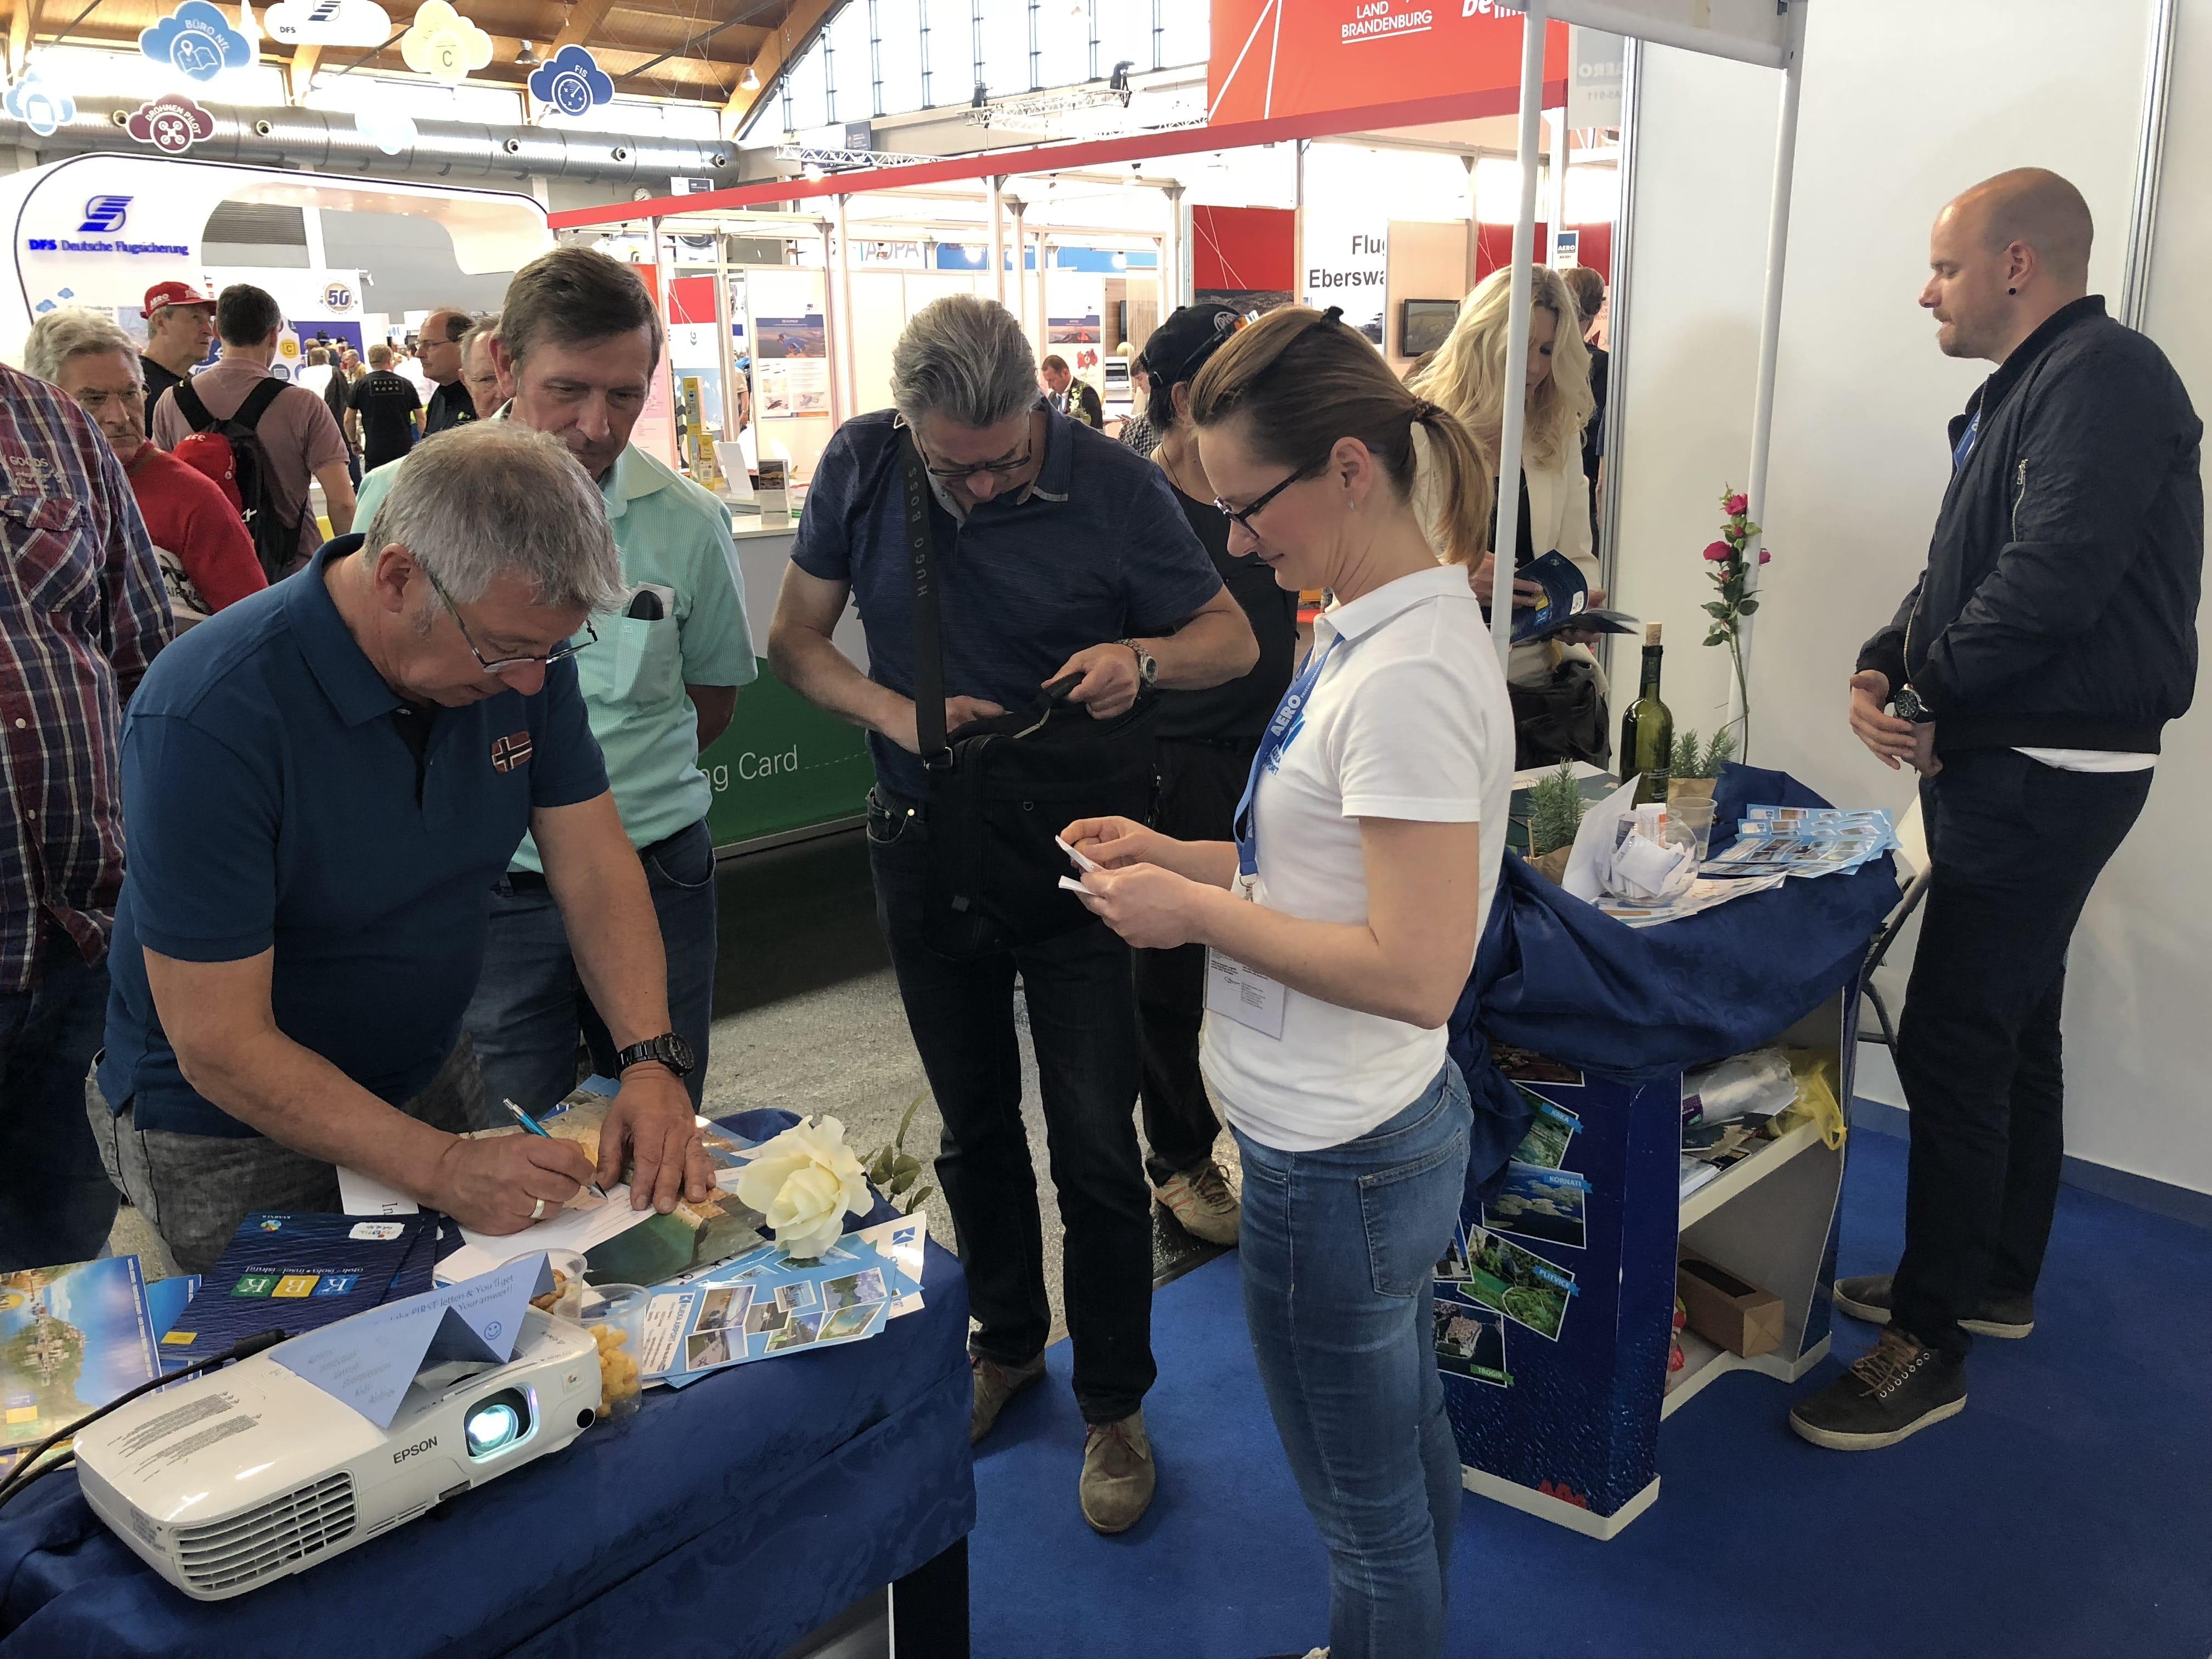 Zračna luka Rijeka prisustvovala na AERO EXPO 2018